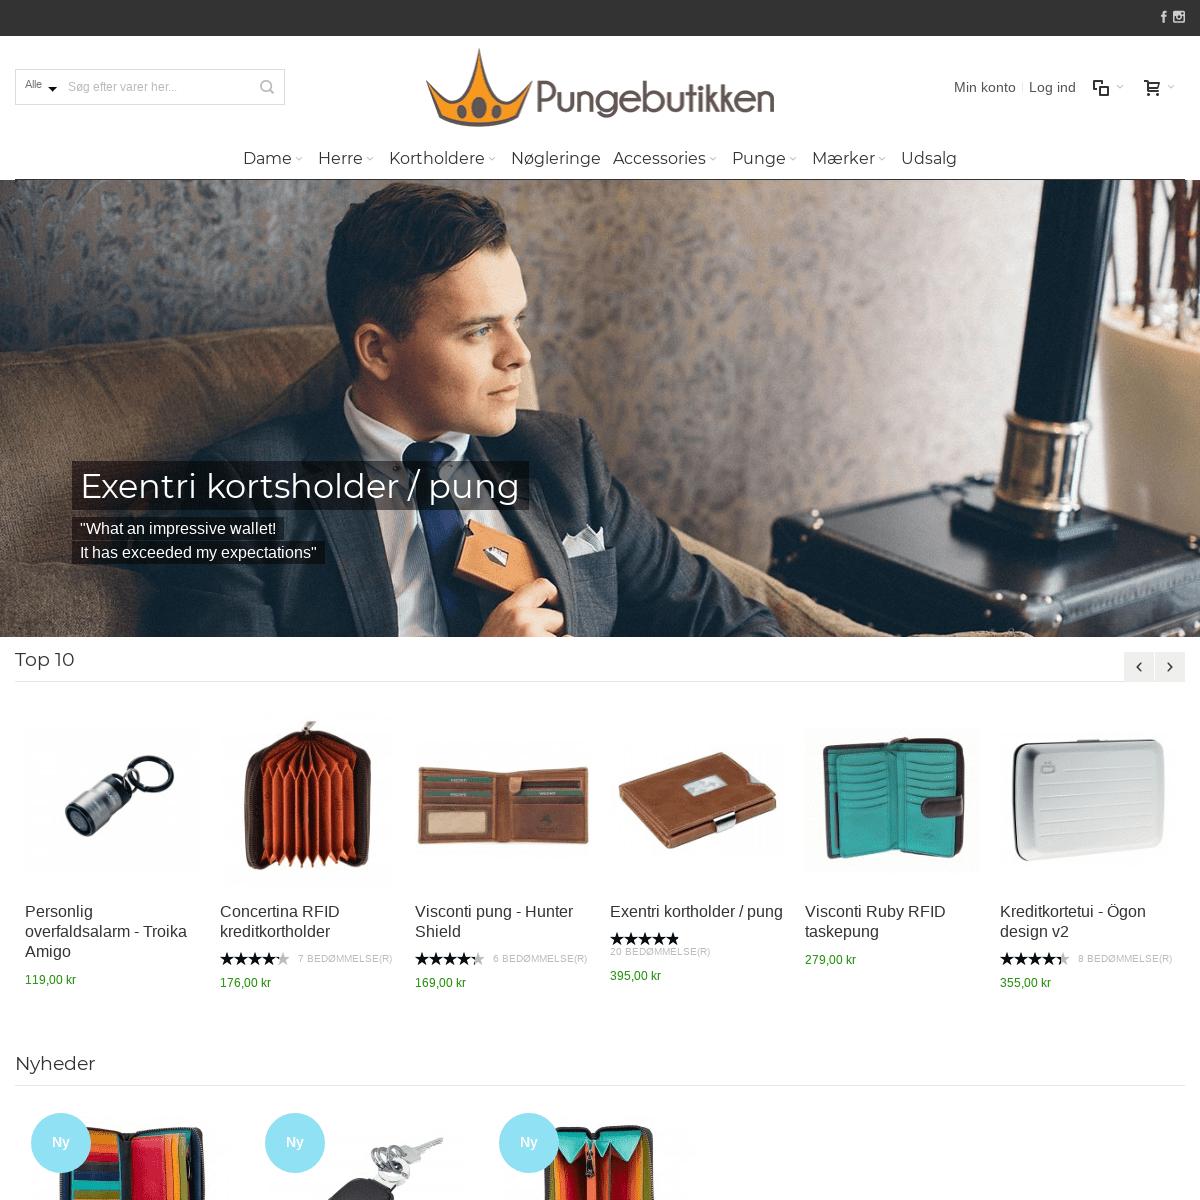 Køb Pung online - Pungebutikken